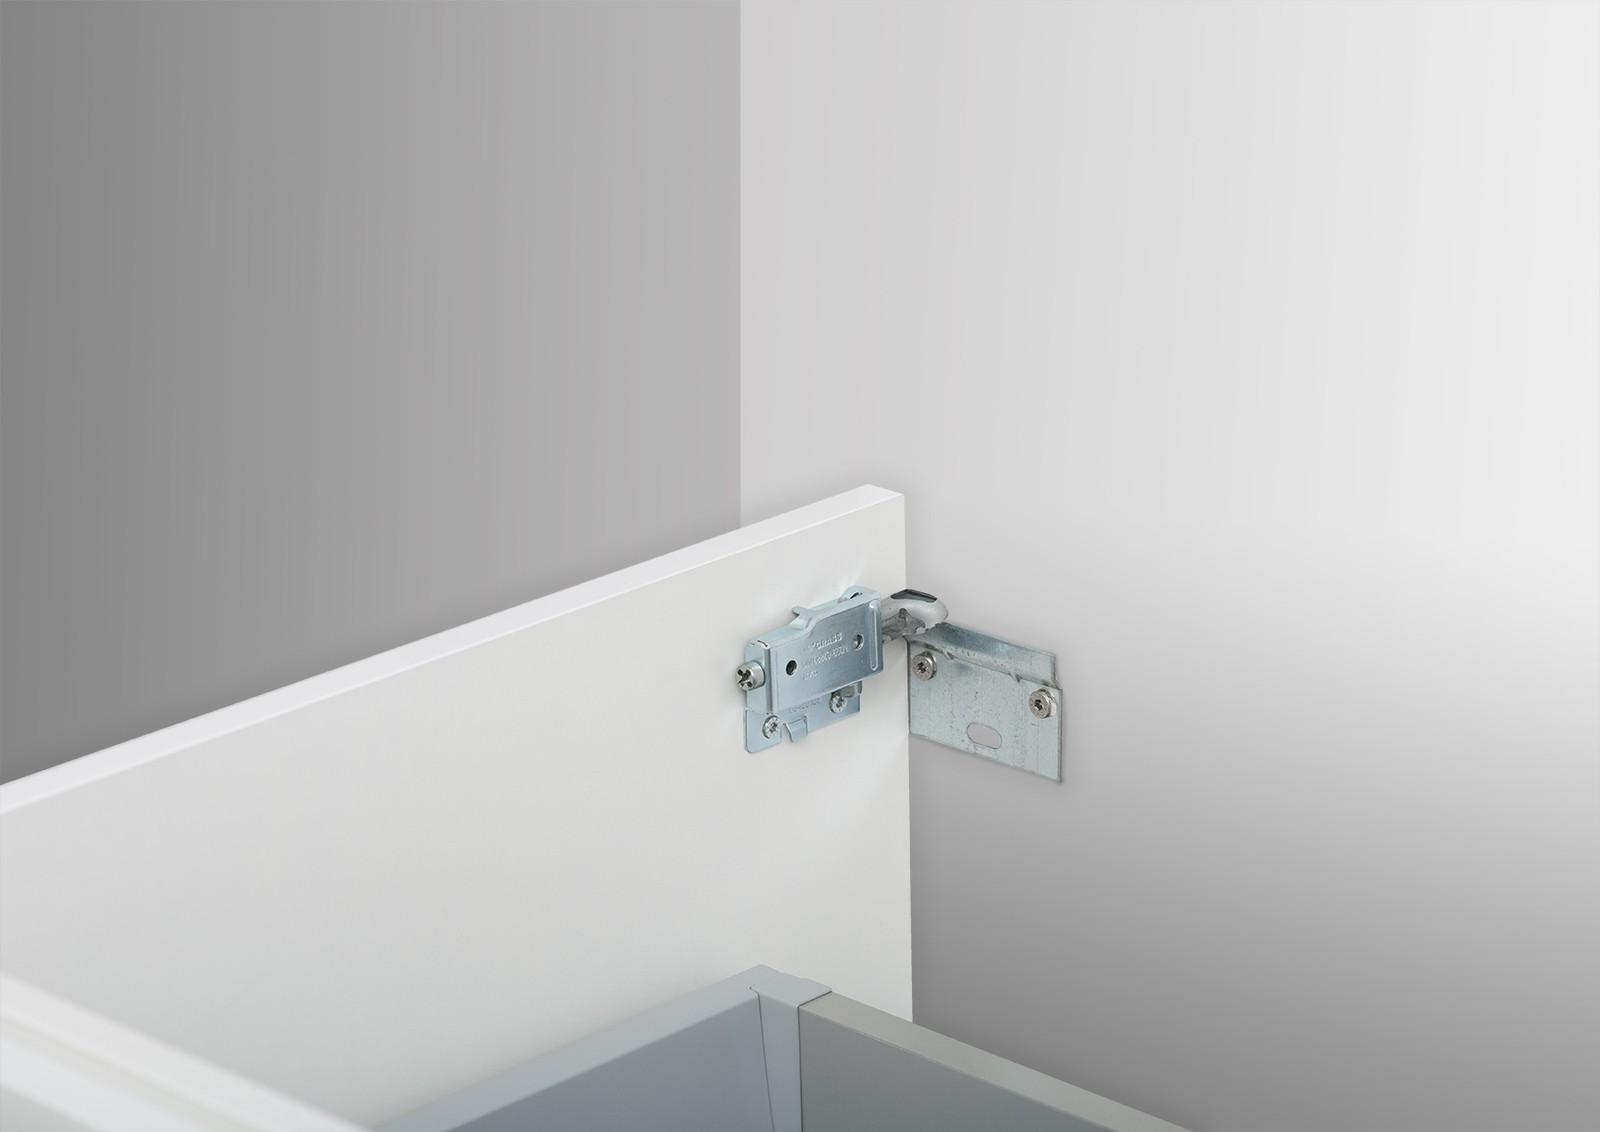 waschtisch unterschrank zu villeroy boch venticello doppelwaschtisch 130 cm. Black Bedroom Furniture Sets. Home Design Ideas